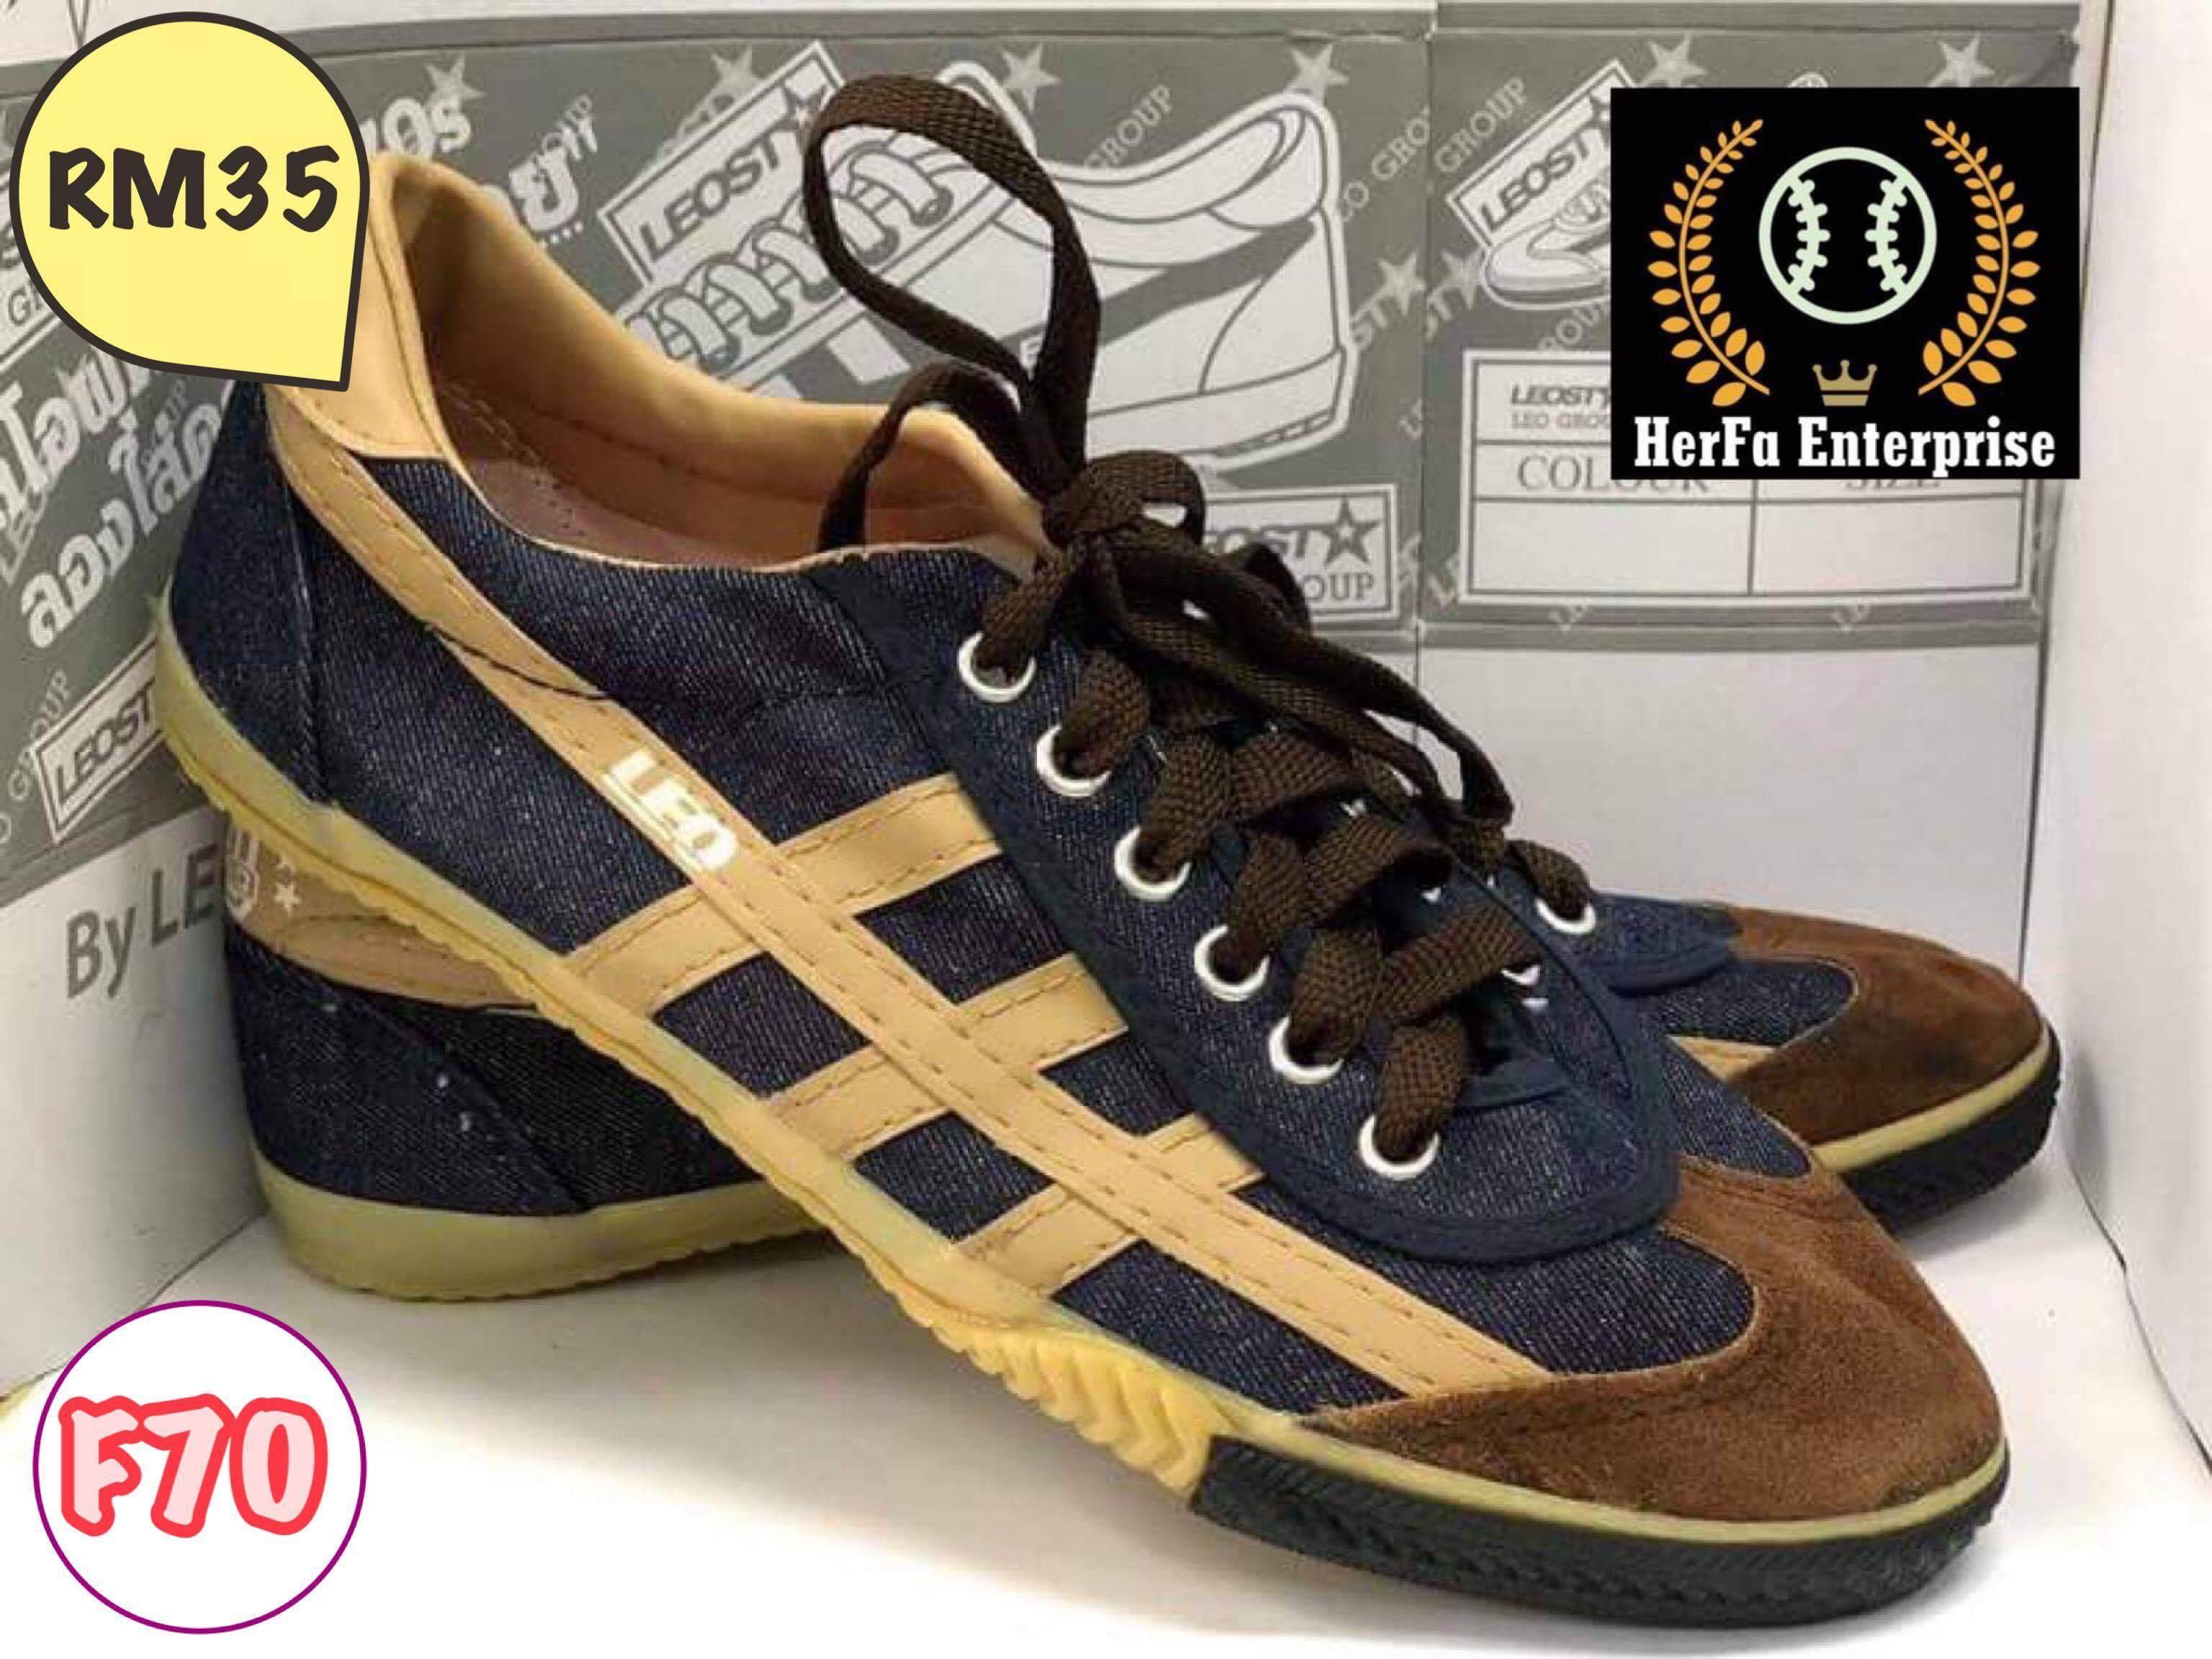 3d59125f9 Men s Futsal Shoes - Buy Men s Futsal Shoes at Best Price in ...